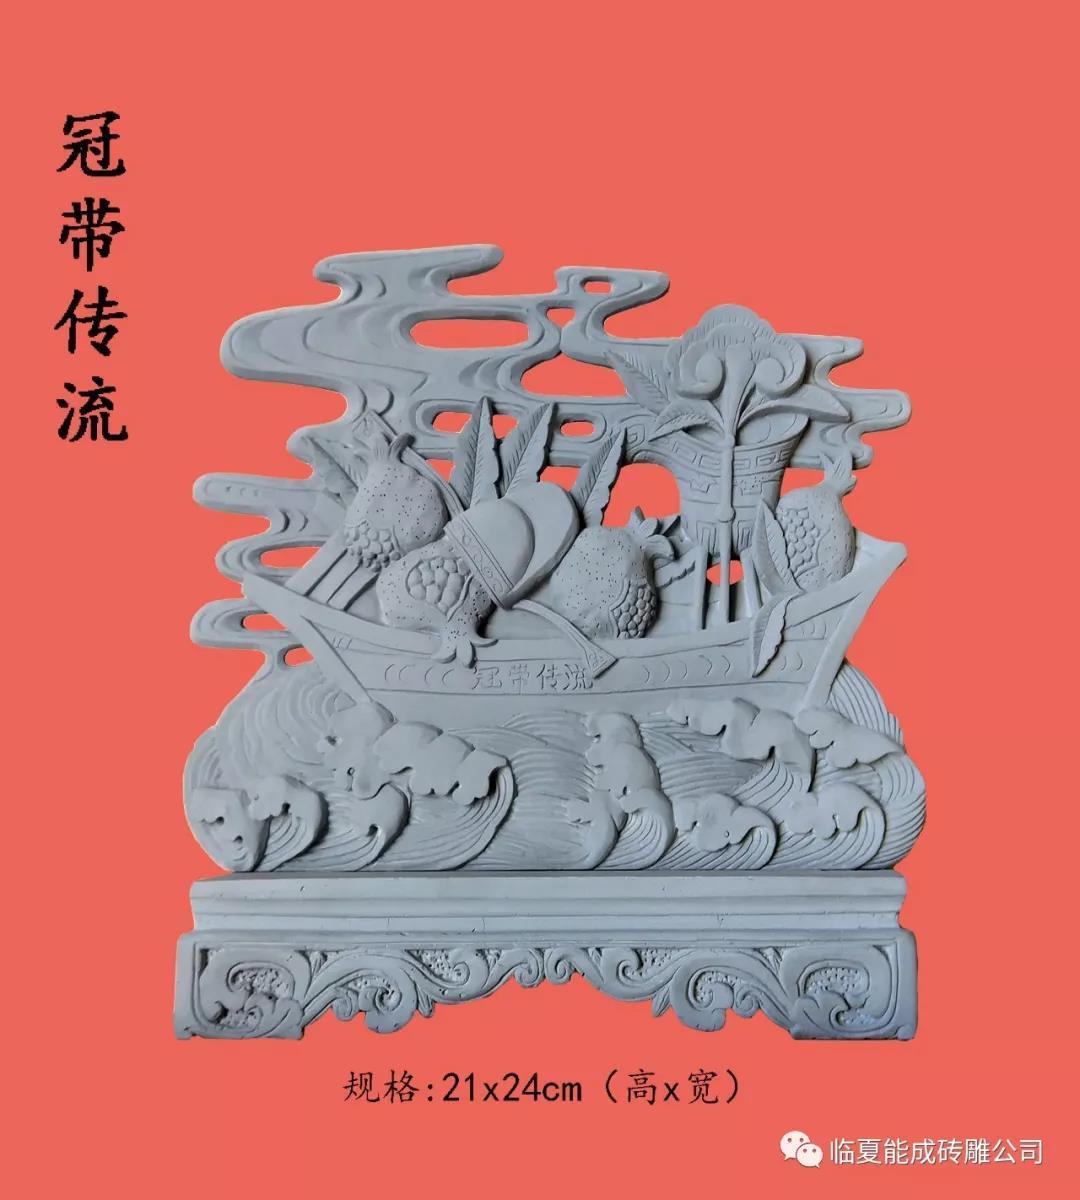 砖雕工艺品